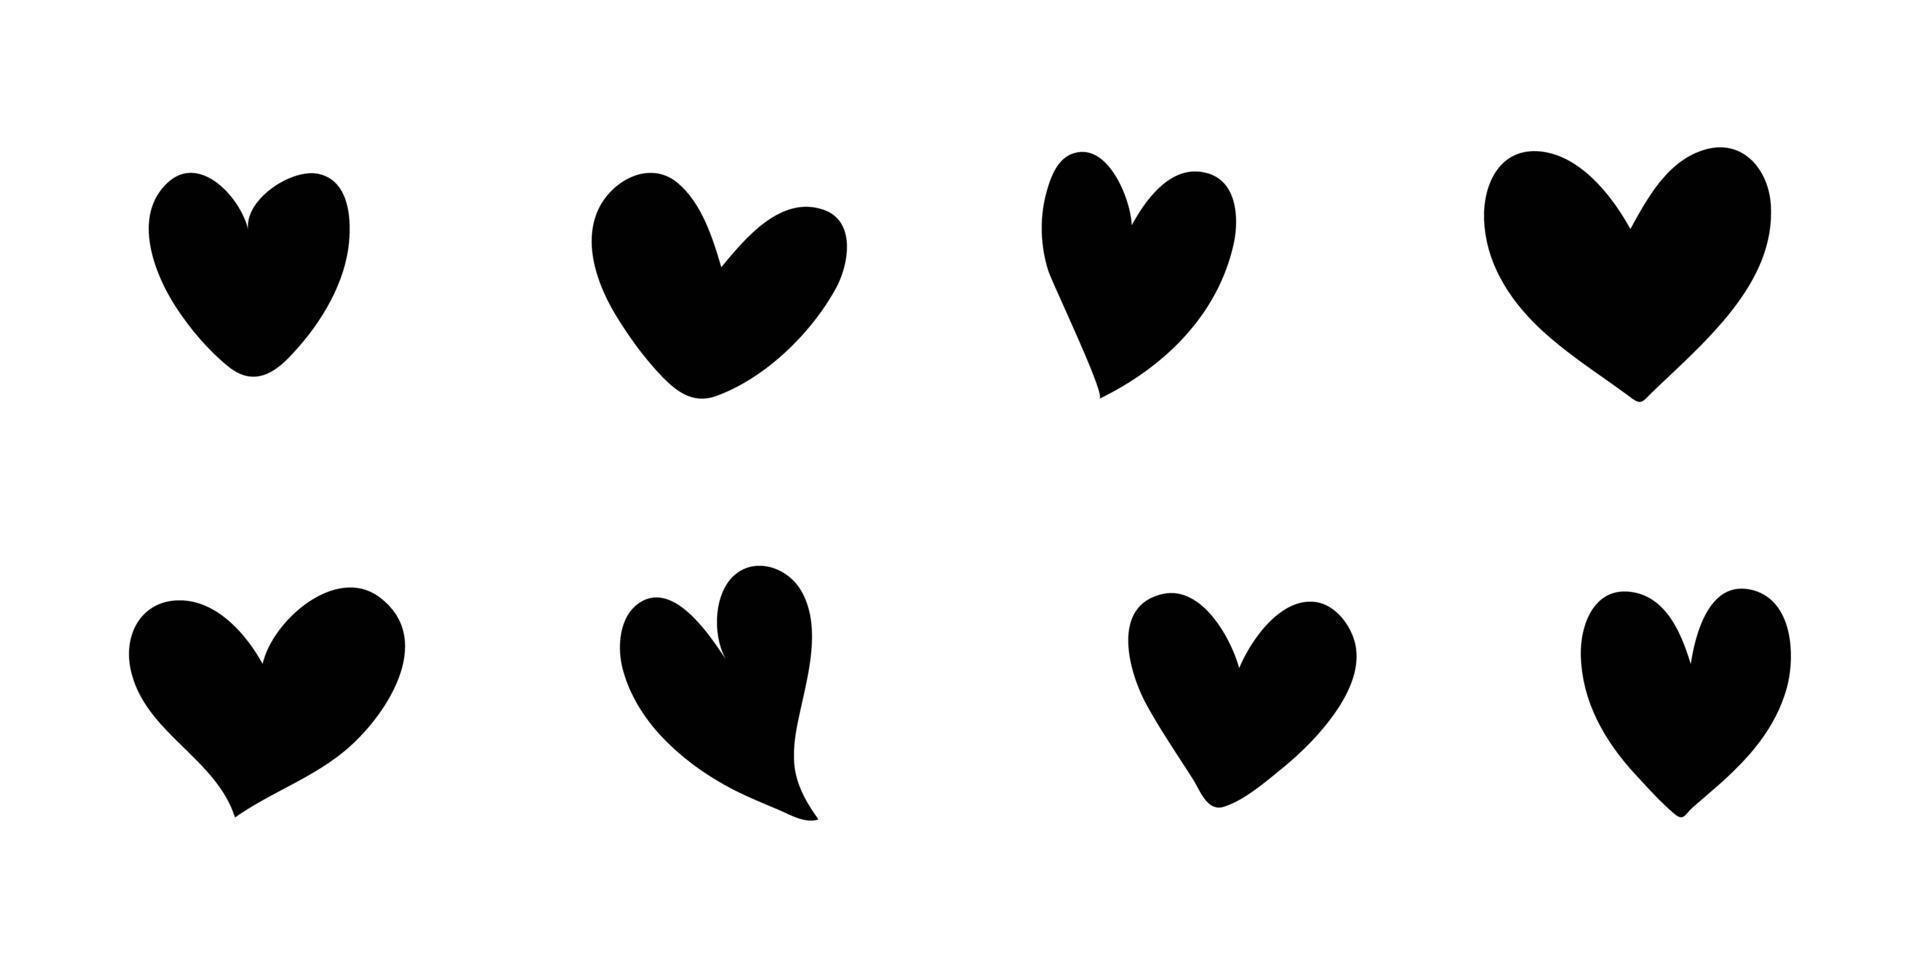 conjunto de símbolos de corazón de amor de San Valentín paquete de vectores aislados iconos dibujados a mano